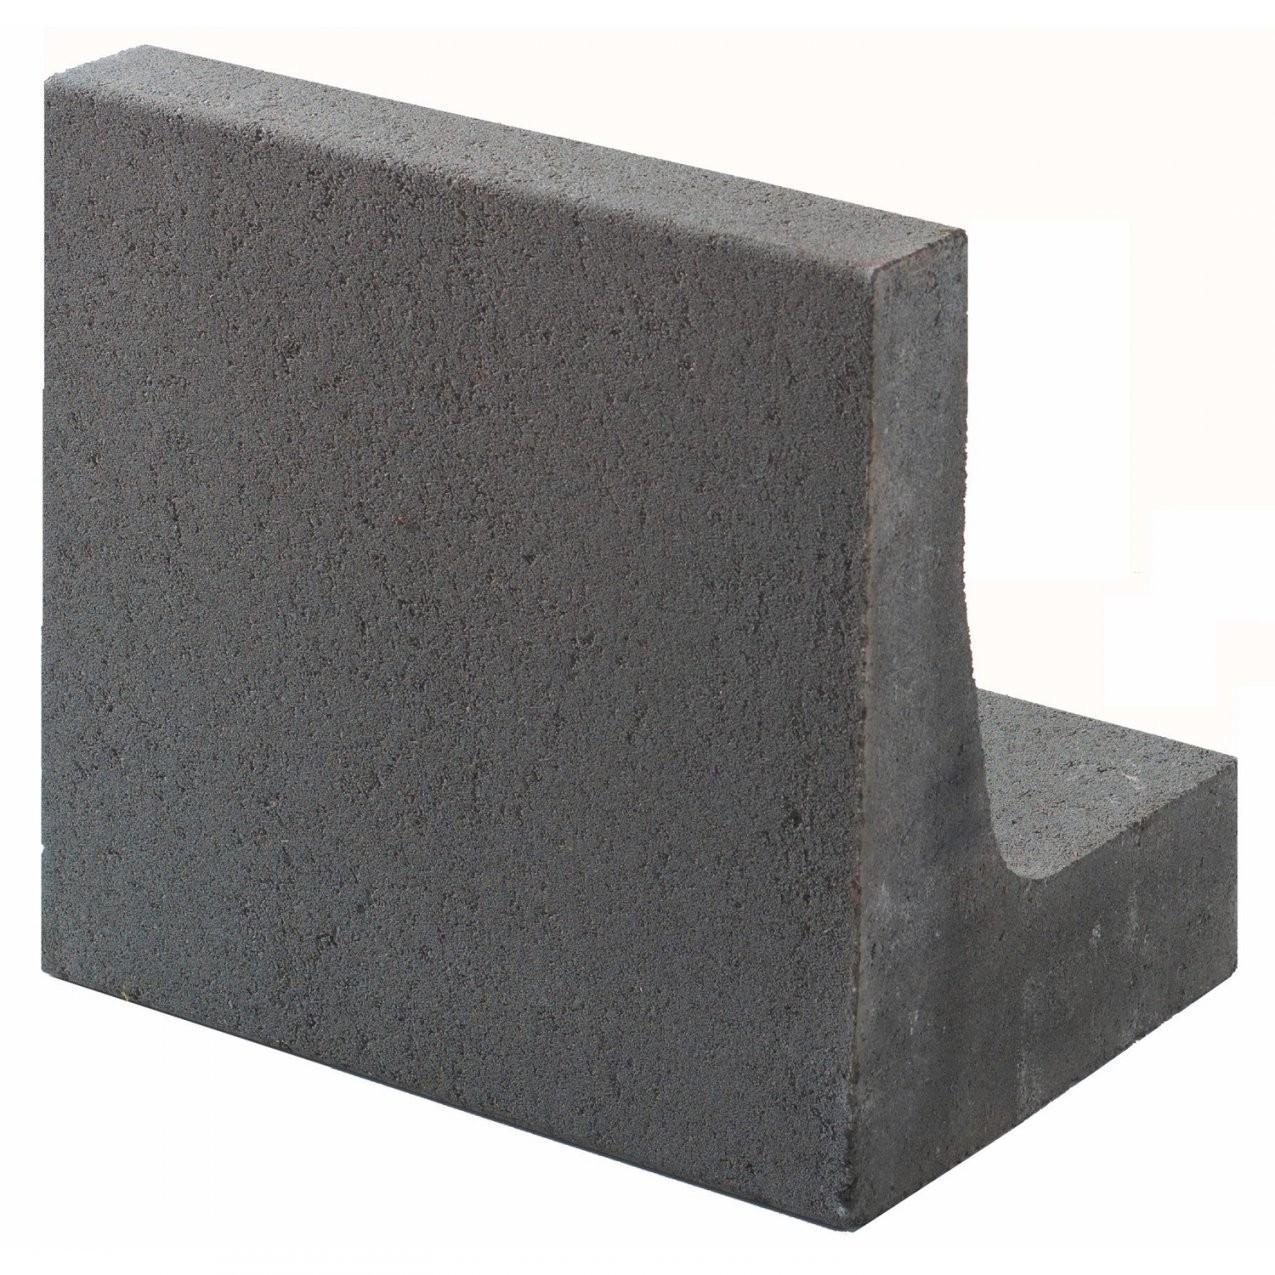 Kann Winkelstein Grau H 40 Cm X B 40 Cm X T 30 Cm Kaufen Bei Obi von Obi Garten Steine Bild